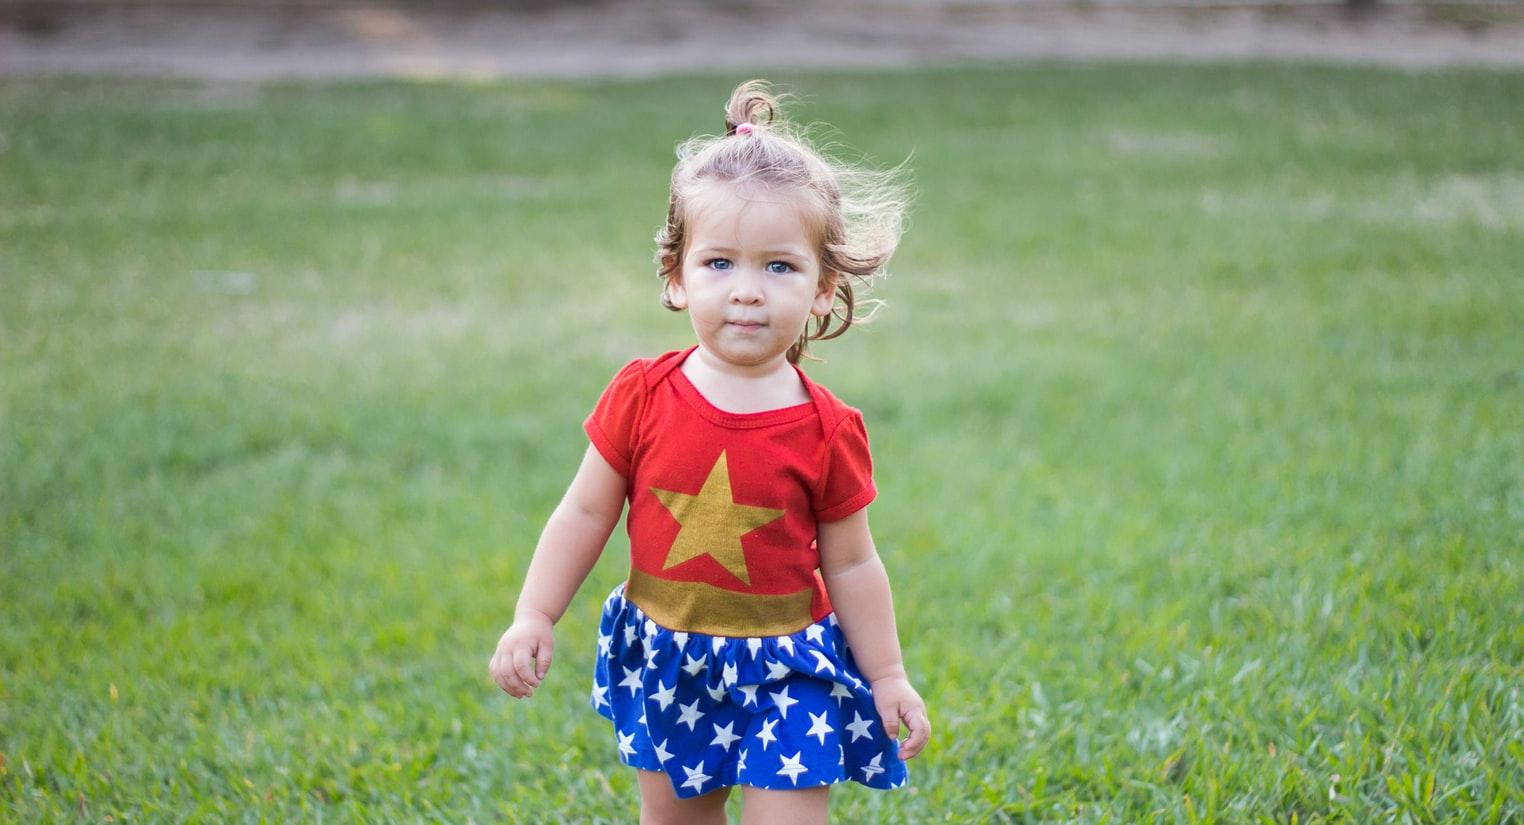 How To Start Modeling-Kids